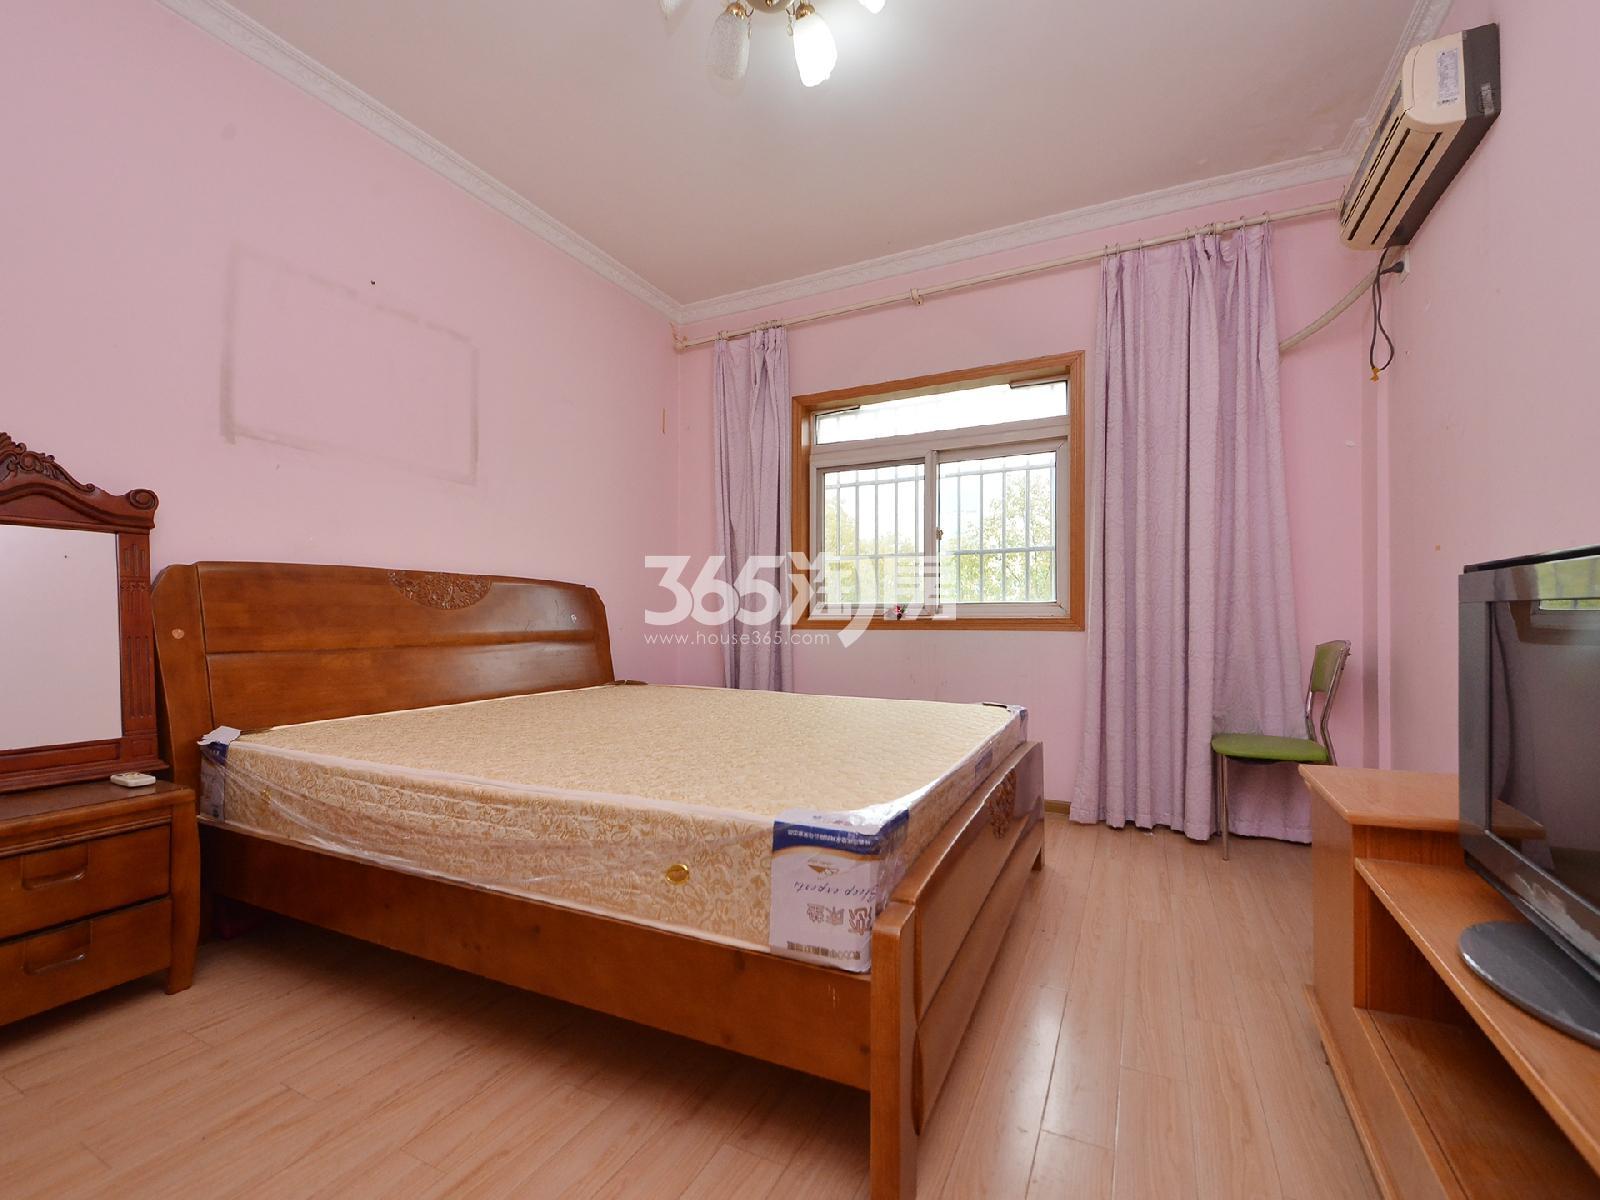 宁湖园岚岛别墅2室2厅1卫75平米精装,户口学区均未暂用